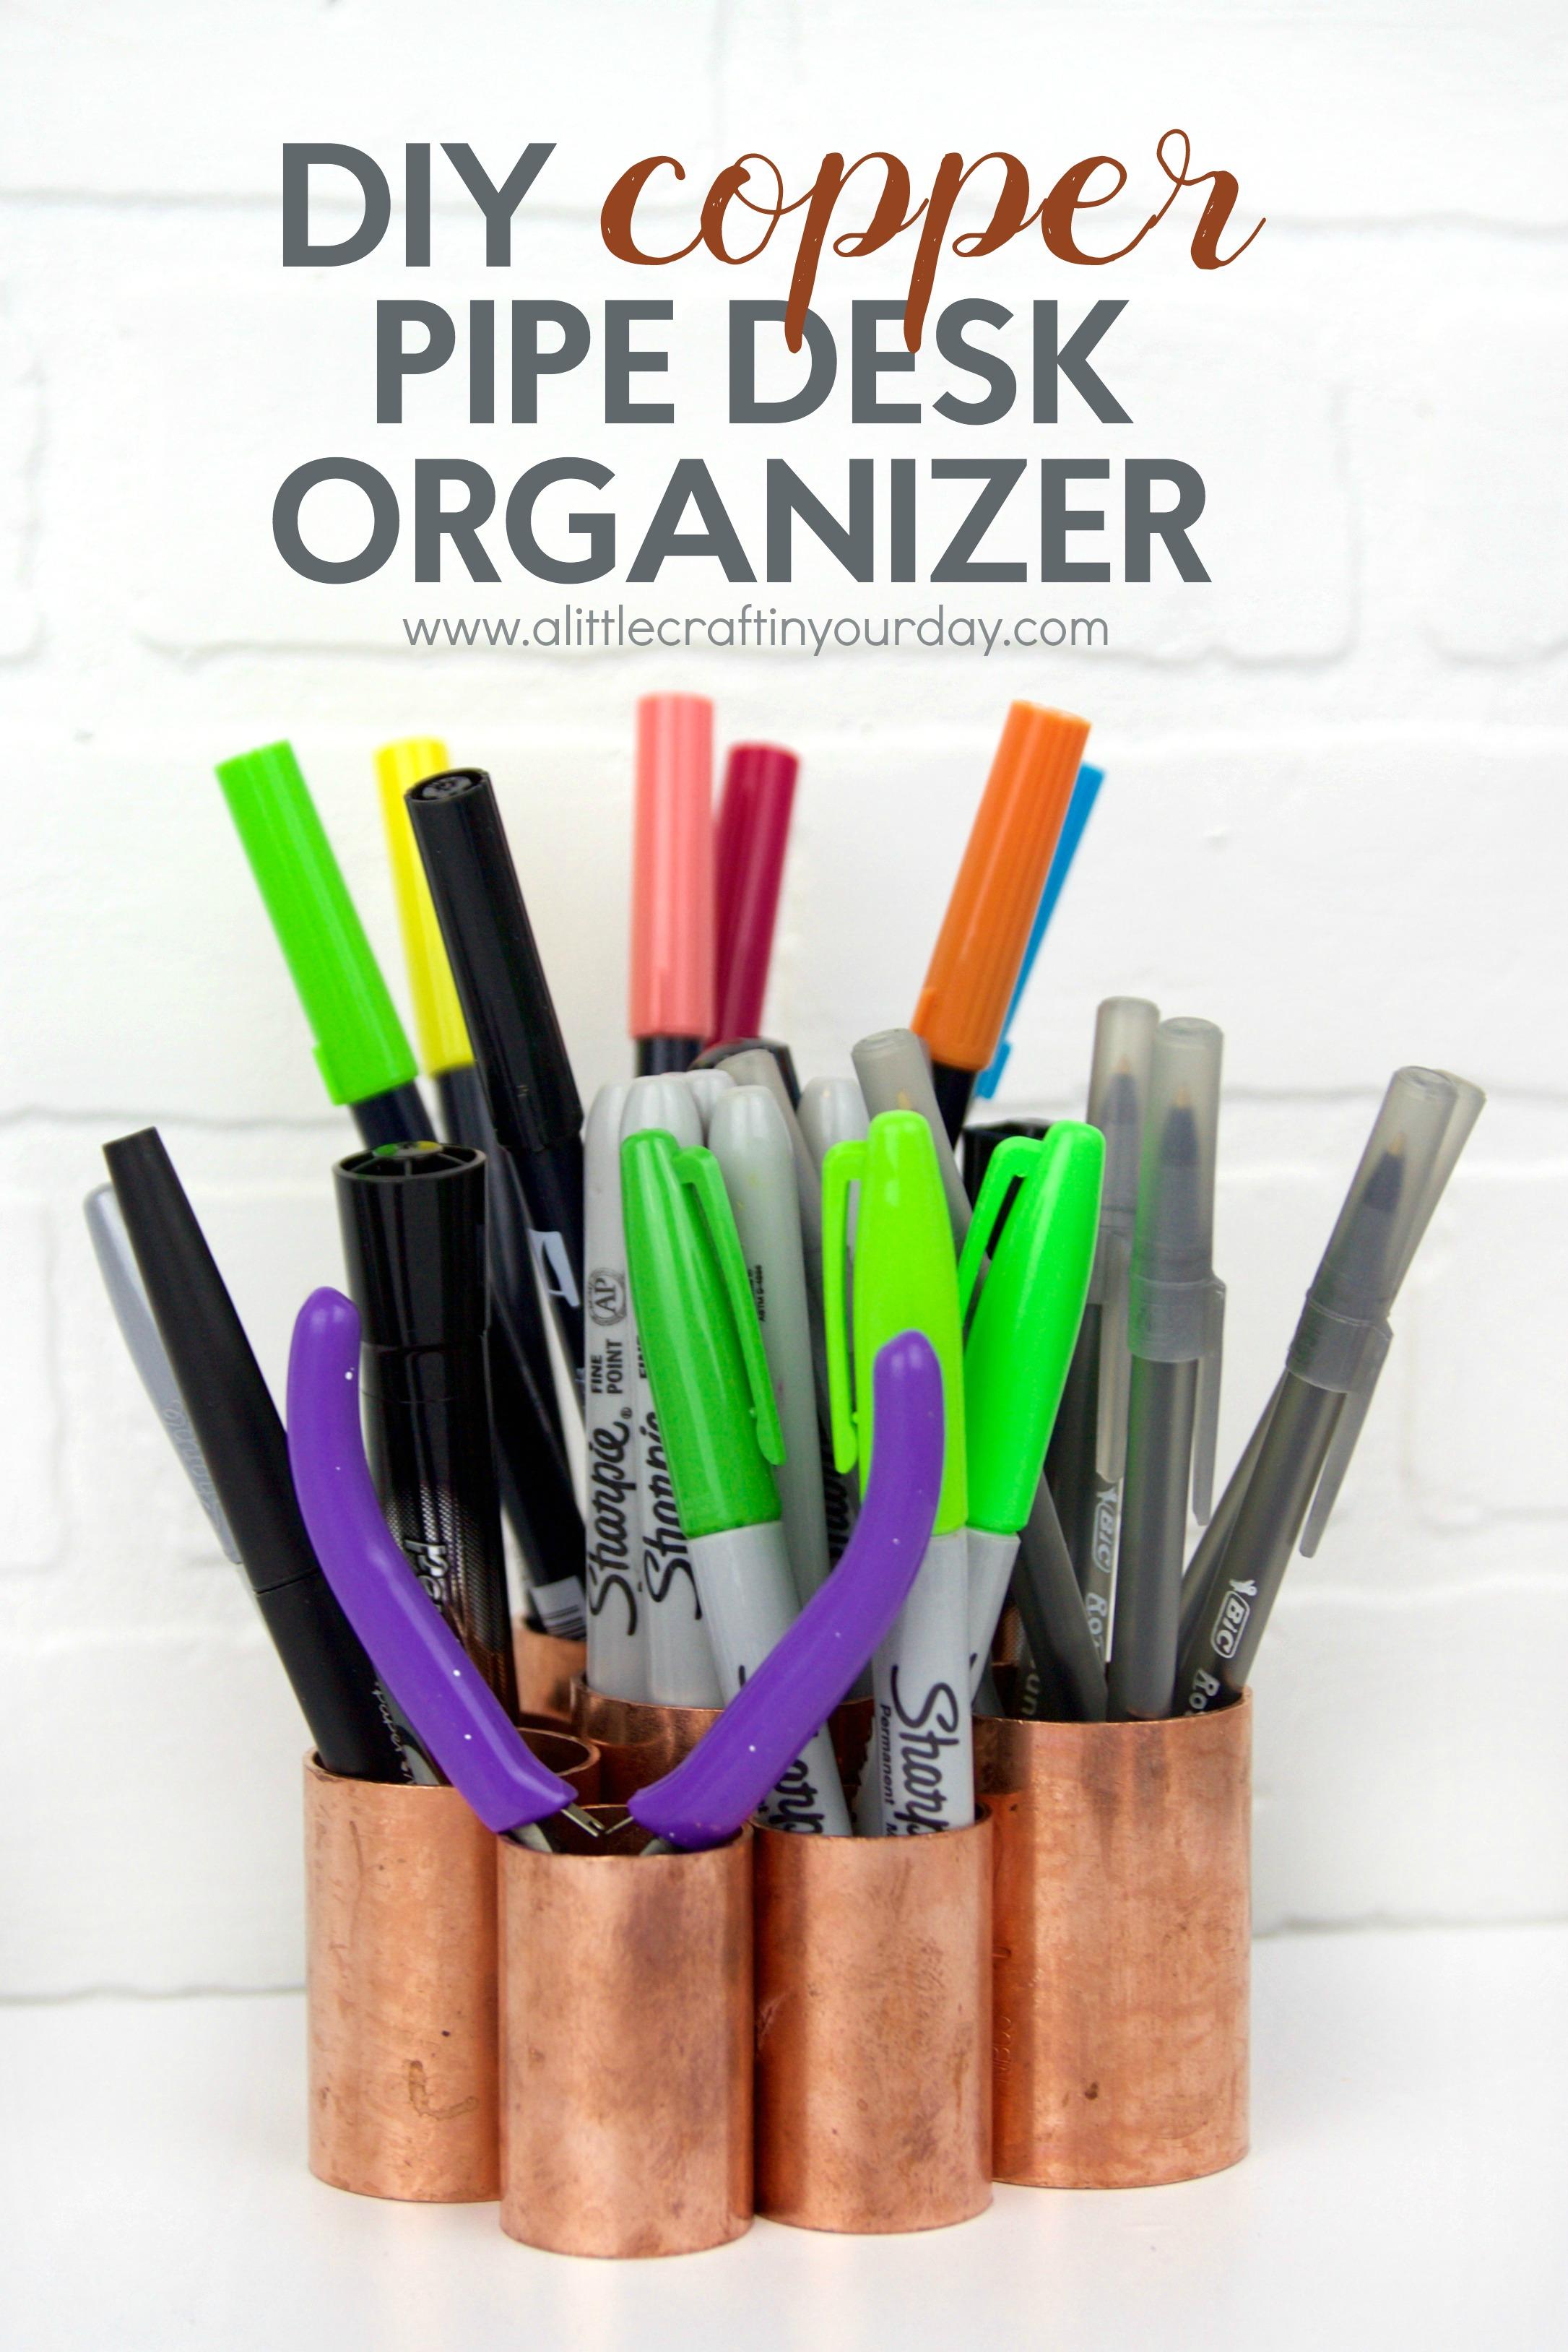 DIY_Copper_Pipe_DESK_Organizer